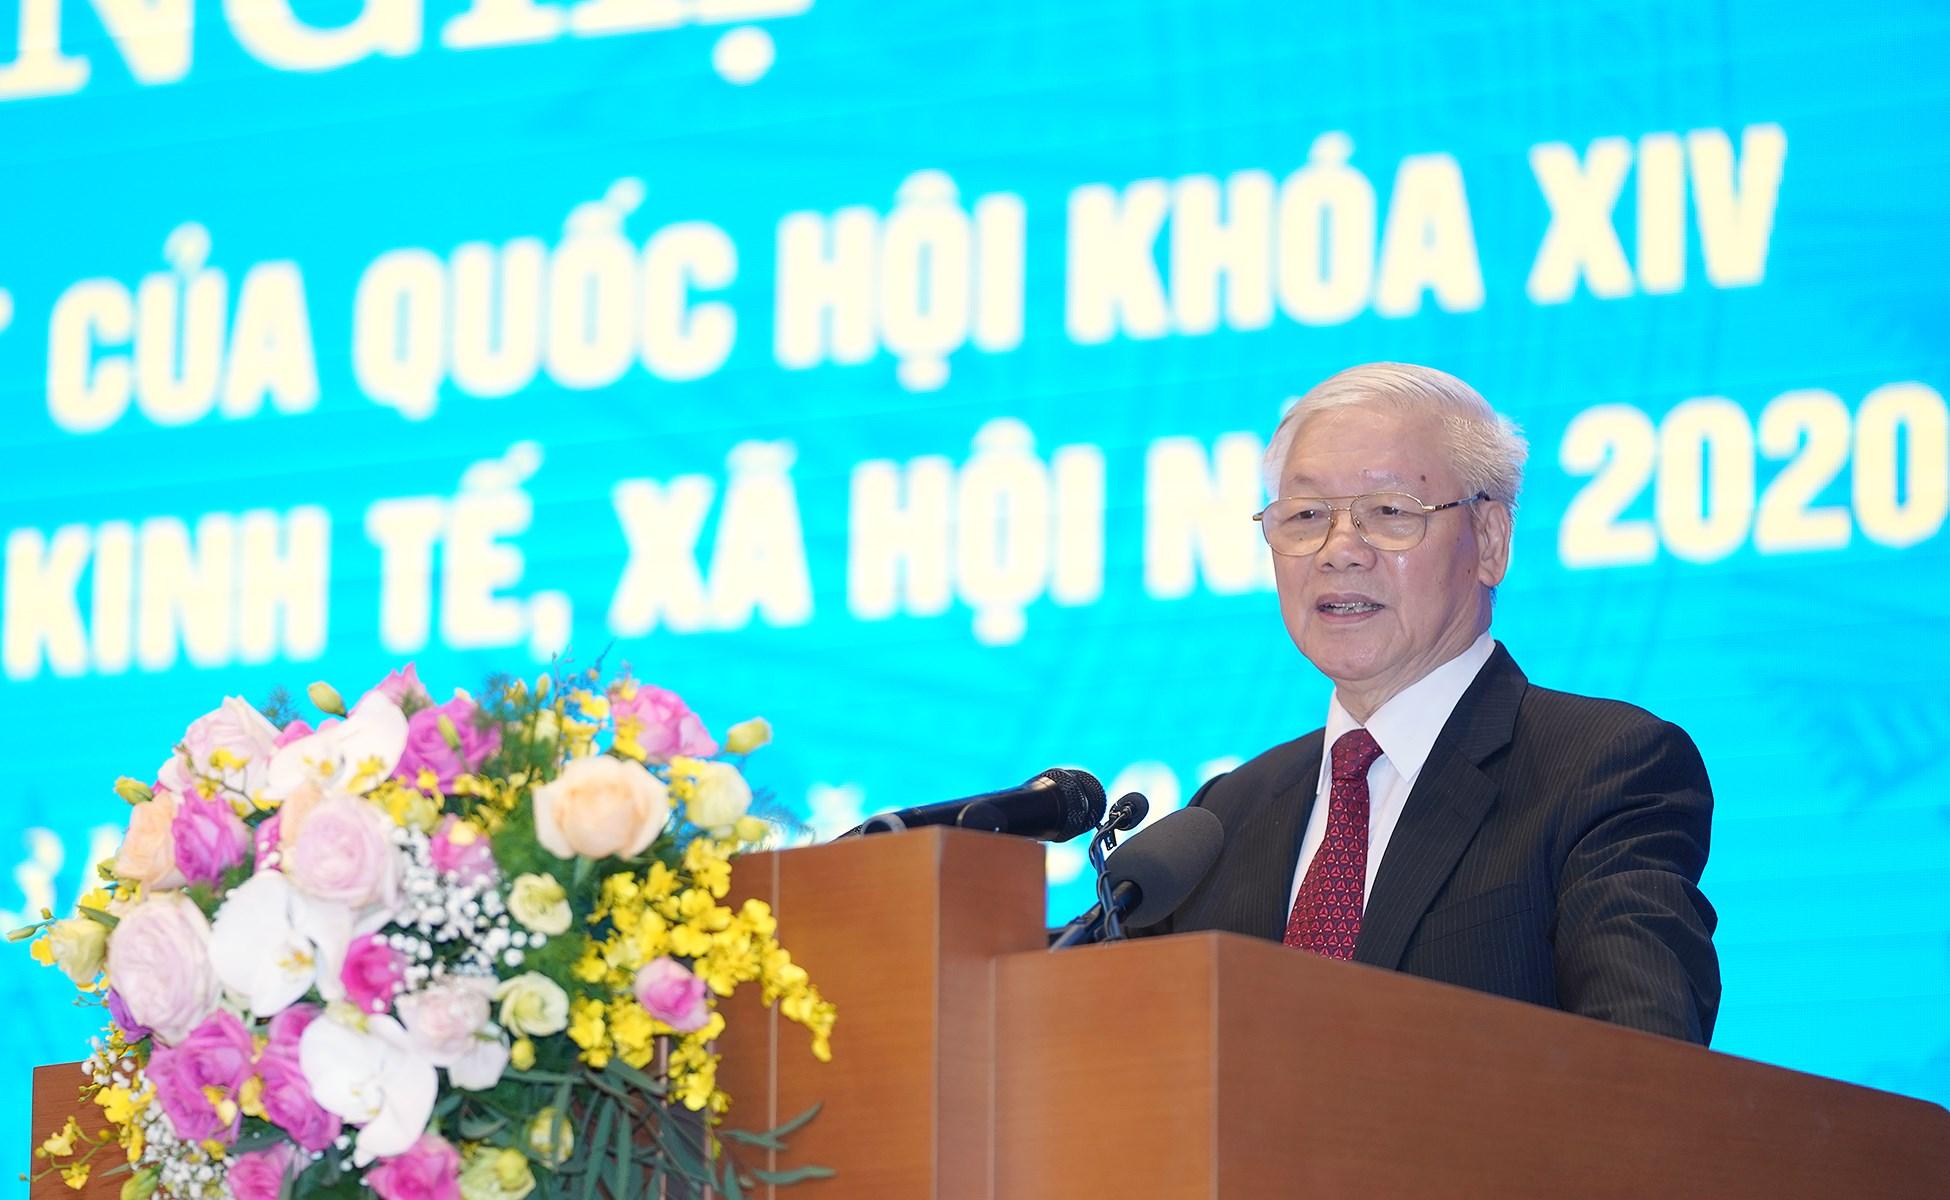 Tổng Bí thư, Chủ tịch nước Nguyễn Phú Trọng phát biểu tại Hội nghị trực tuyến Chính phủ với các địa phương về phát triển kinh tế - xã hội năm 2020